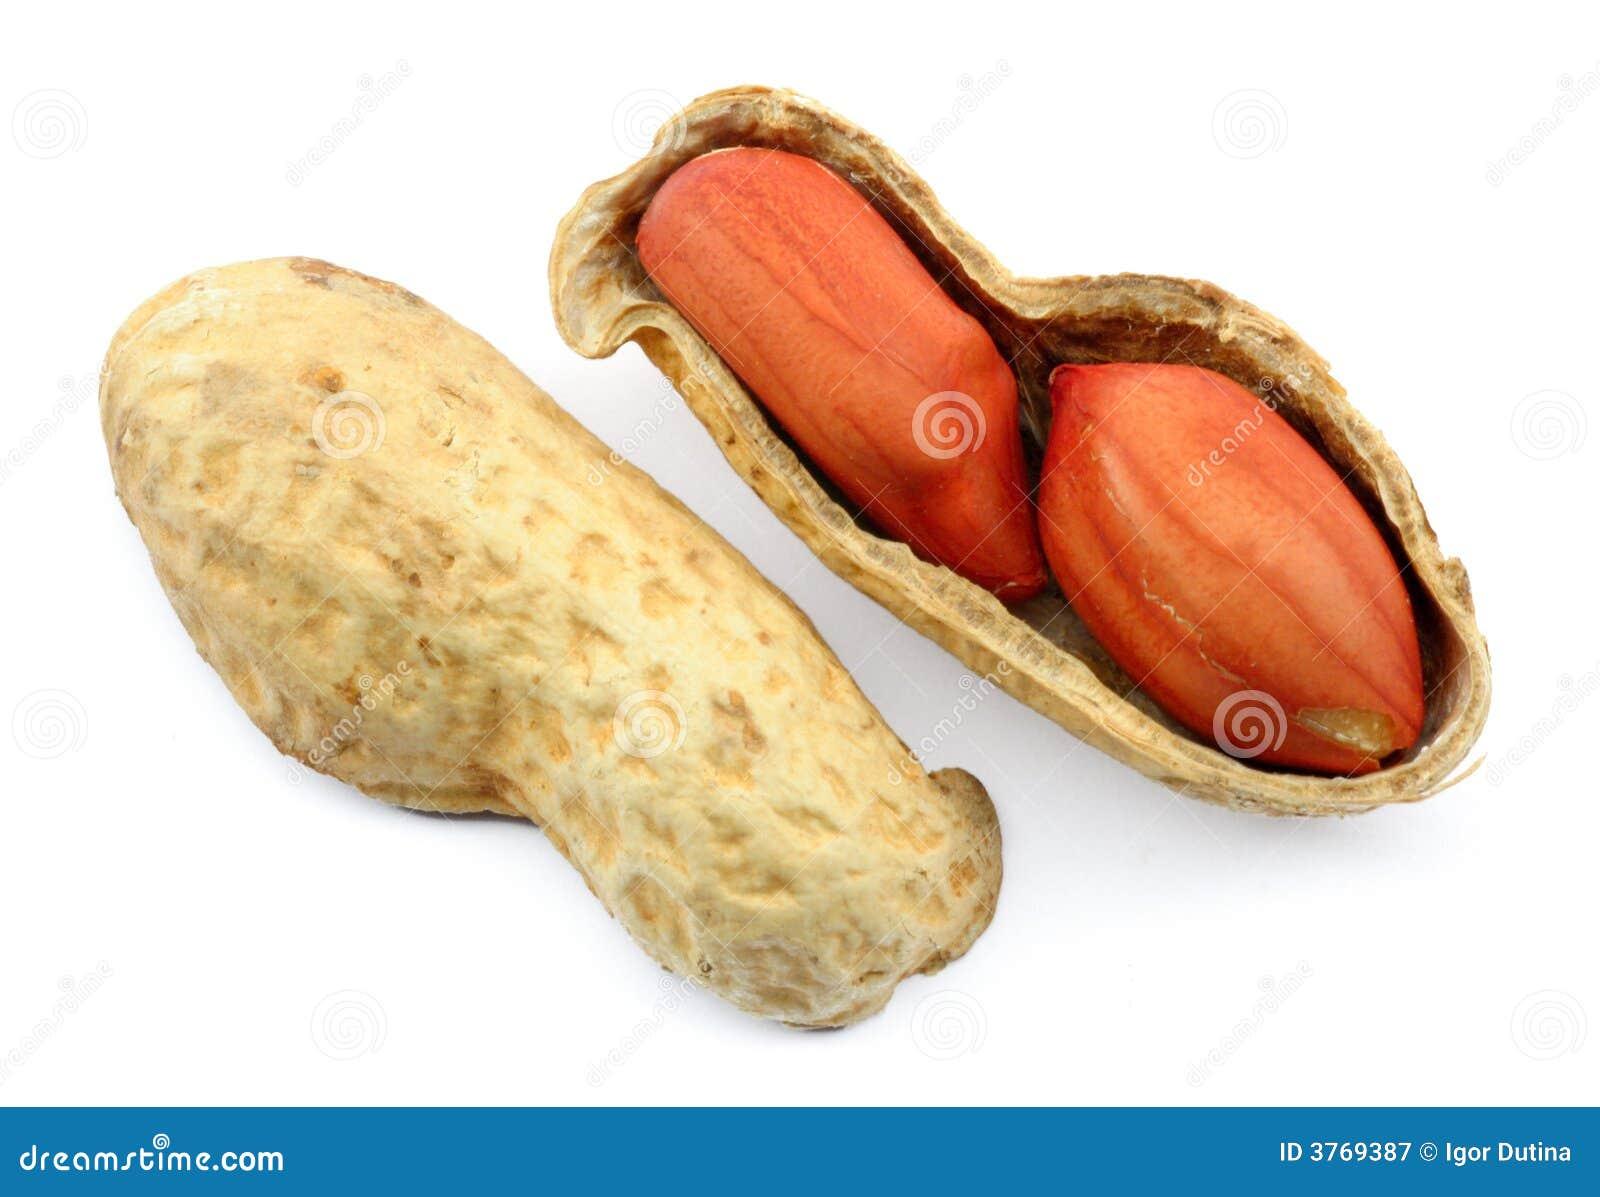 jordnötter med skal